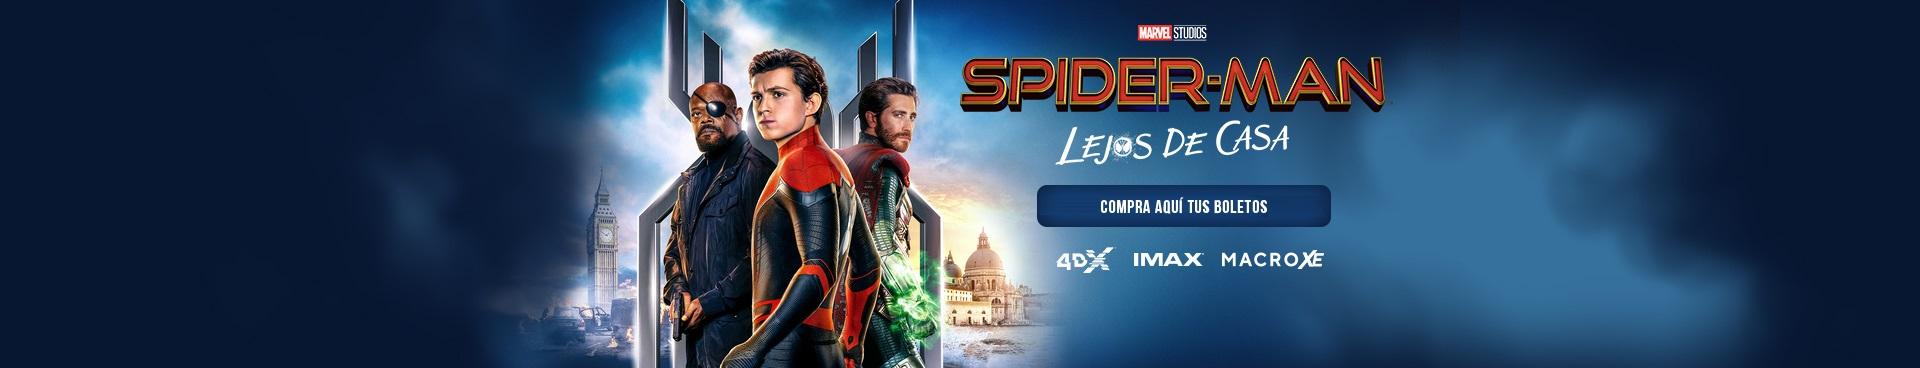 Gran estreno: Spider-Man: Lejos de Casa